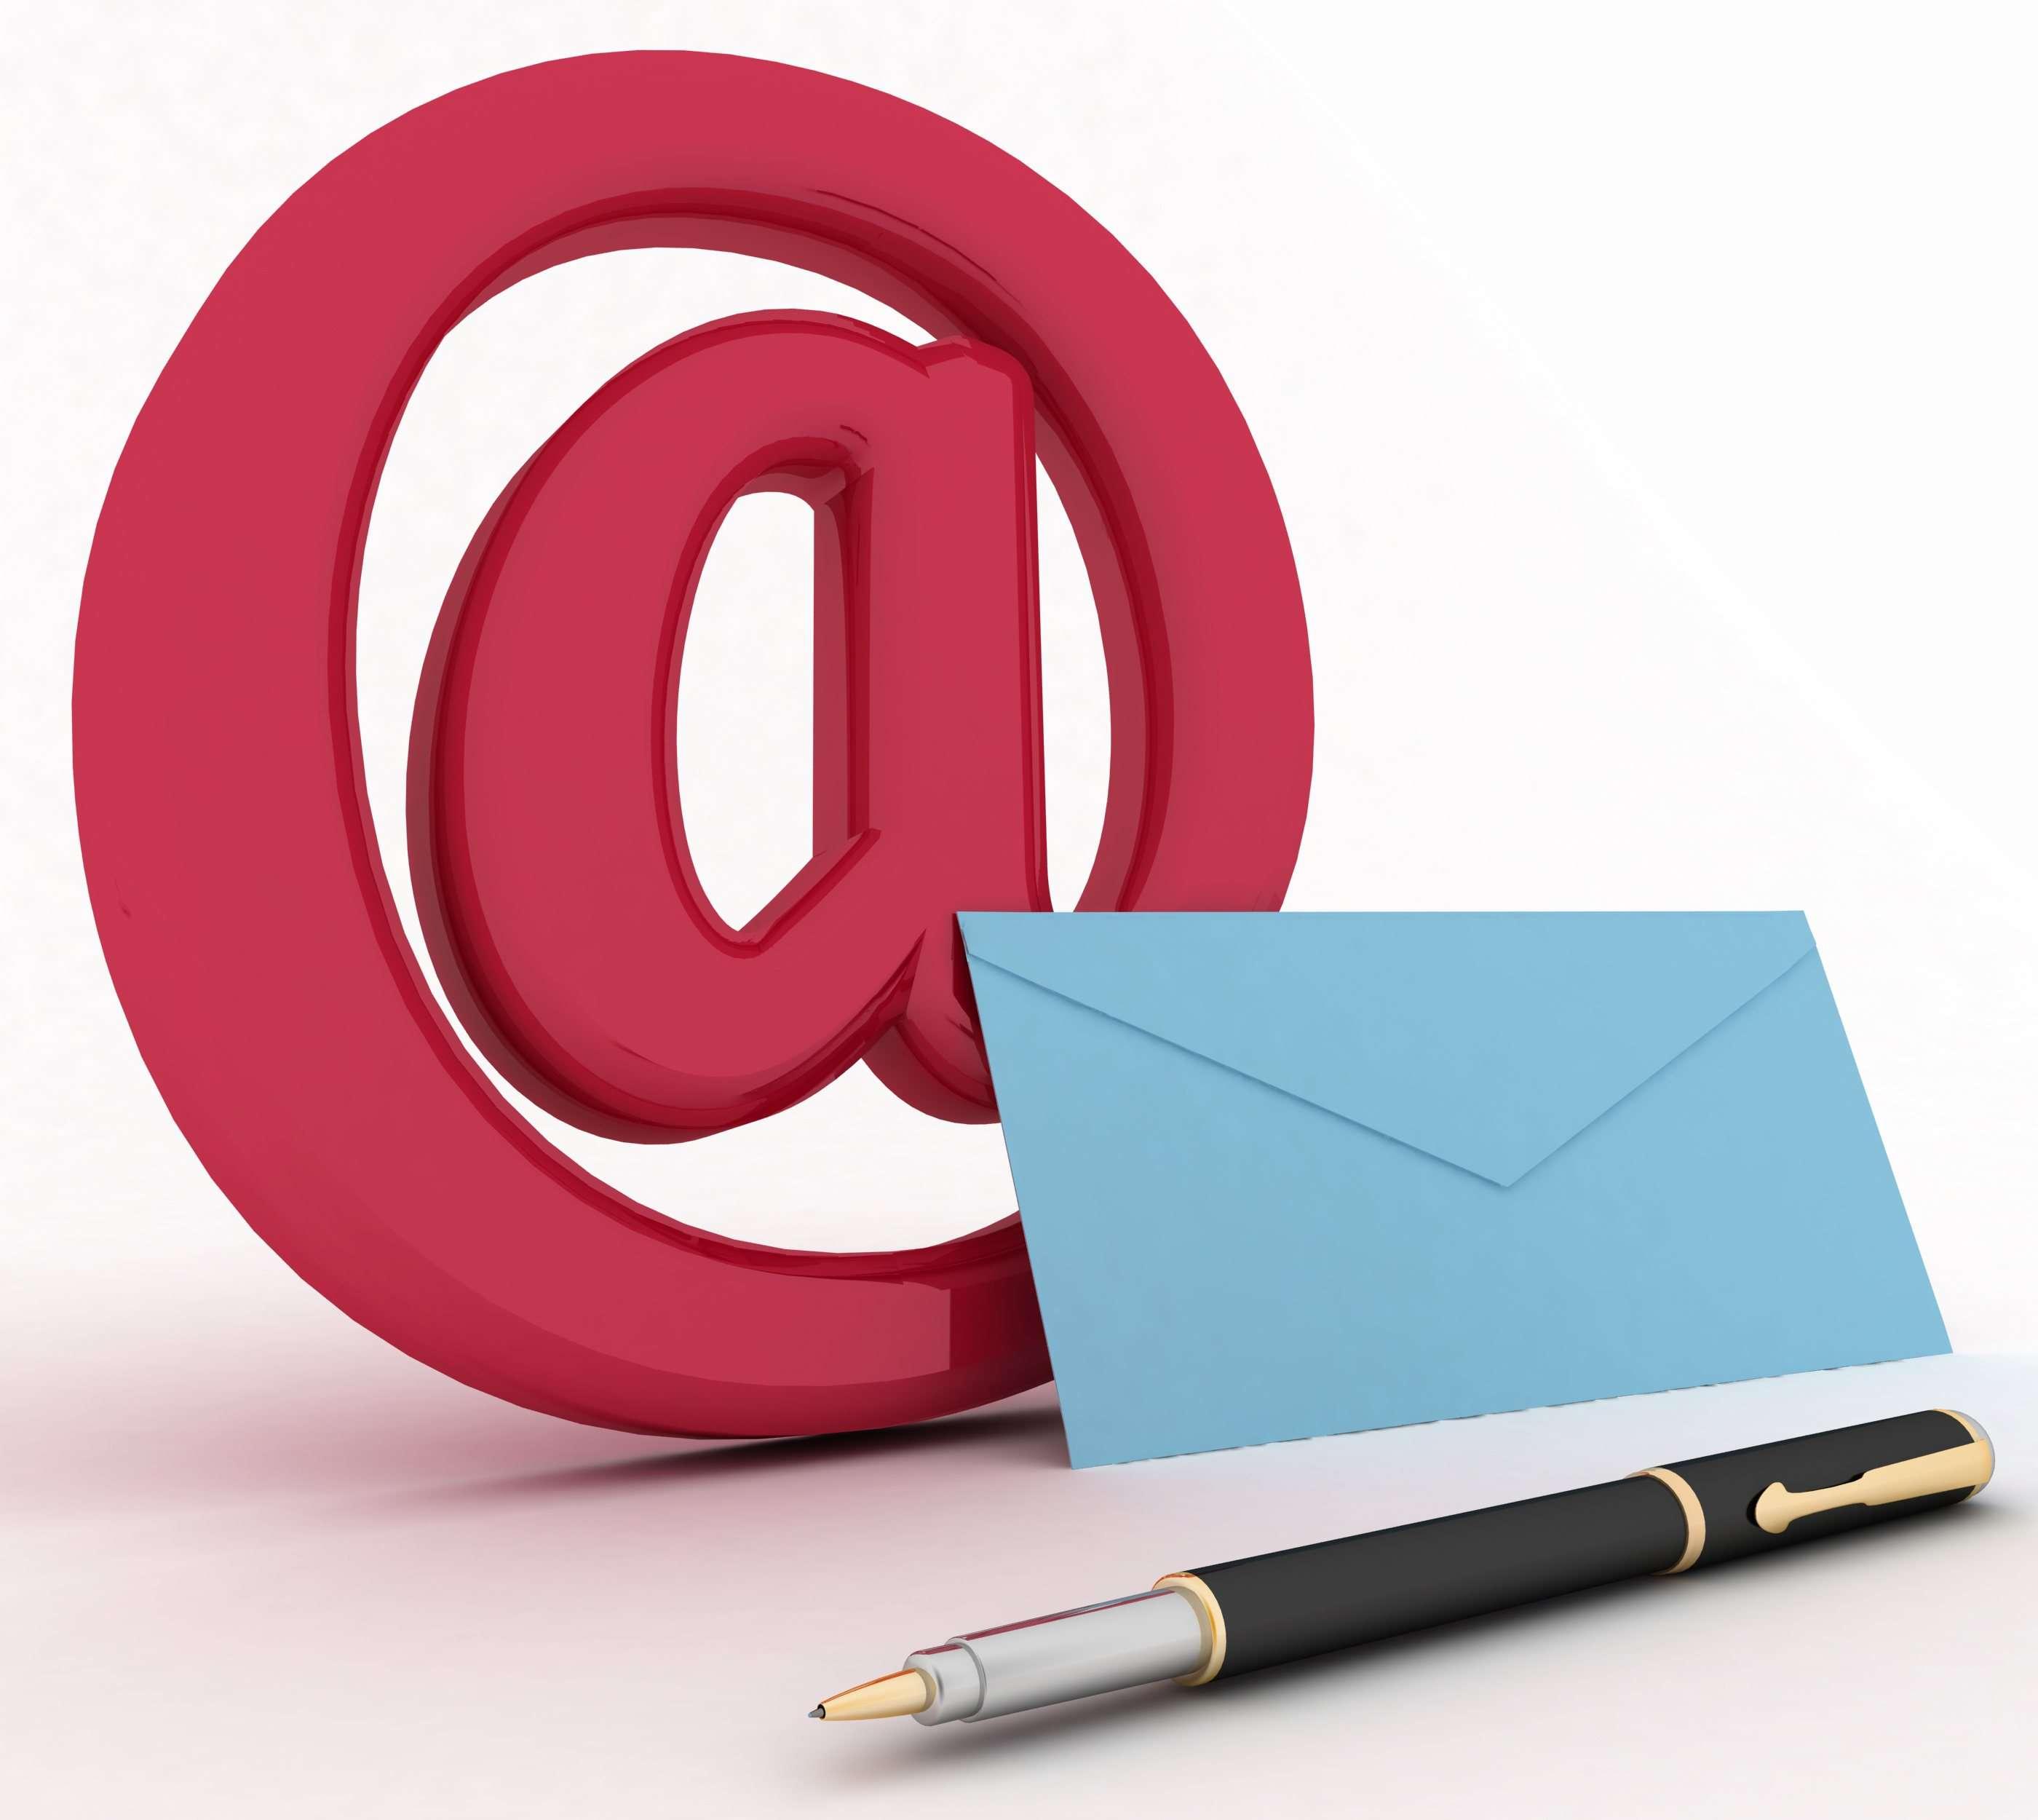 mail schreiben, e-mail schreiben, e-mail